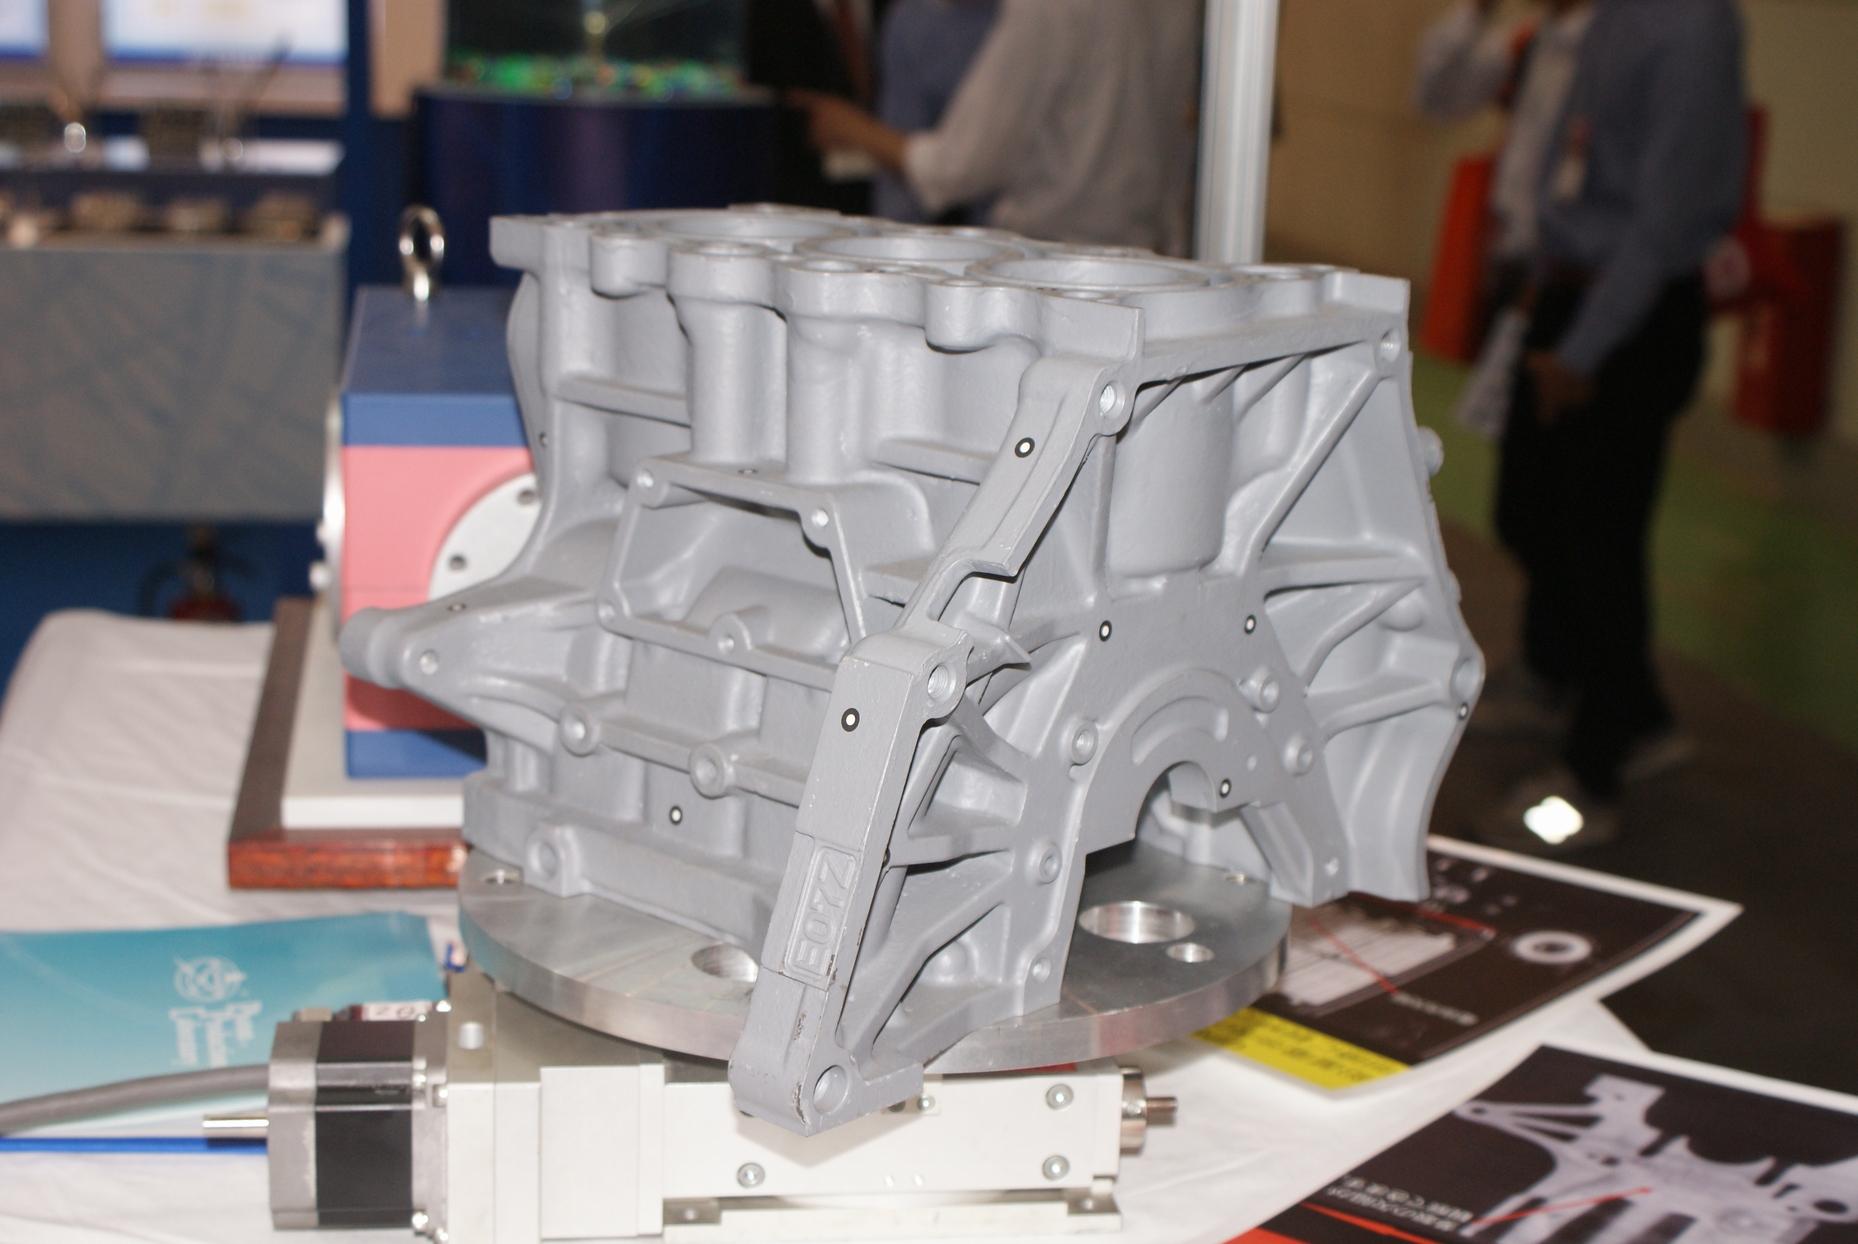 「【関西 ものづくりワールド2015】光子発生技術研究所が自動車部品用のX線CT技術を出展」の4枚目の画像